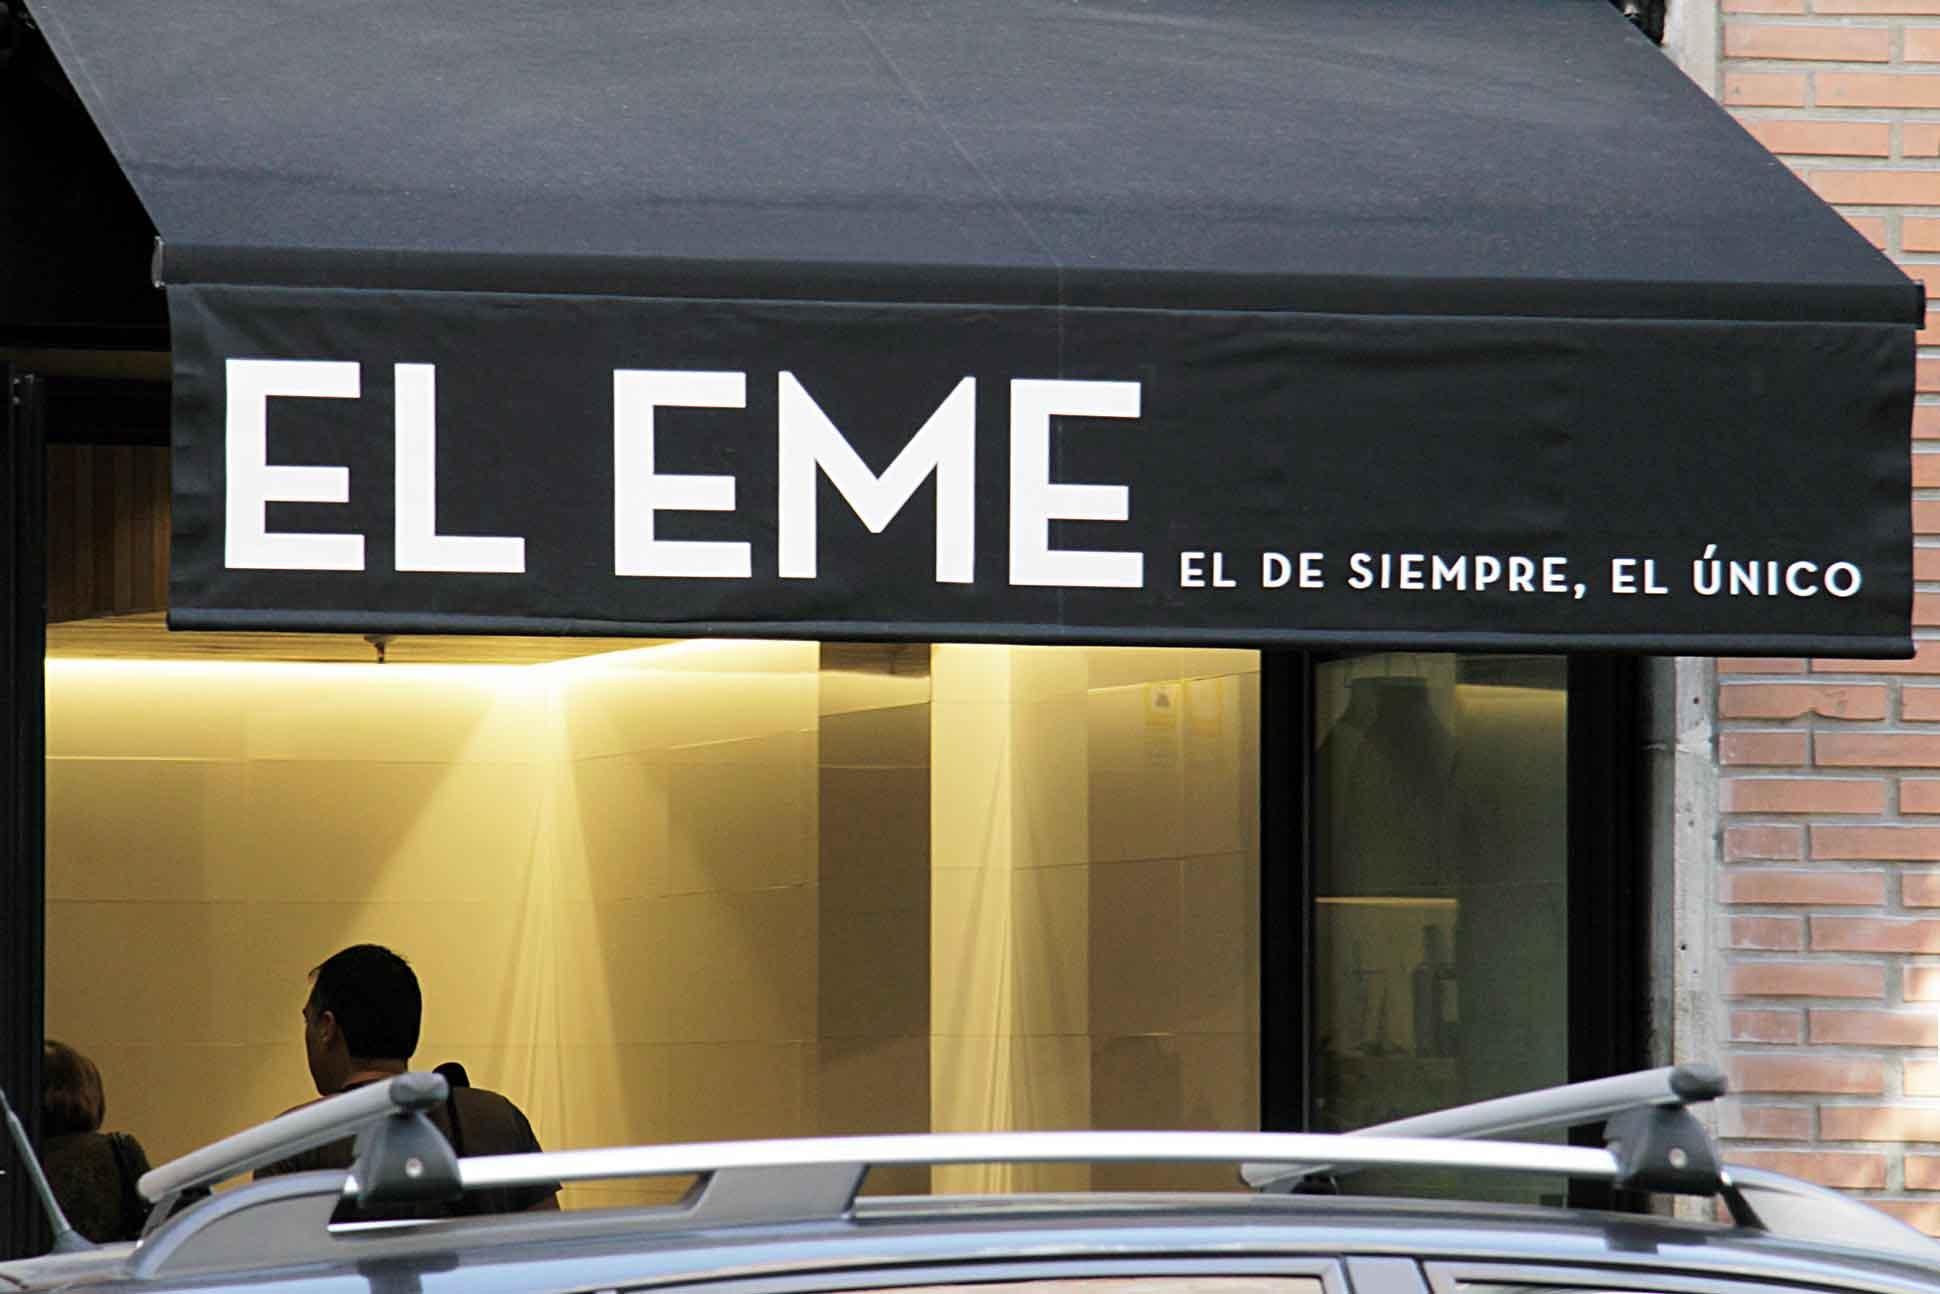 Entrada del Bar Eme de Bilbao, famoso por sus sandwiches y su receta de salsa secreta